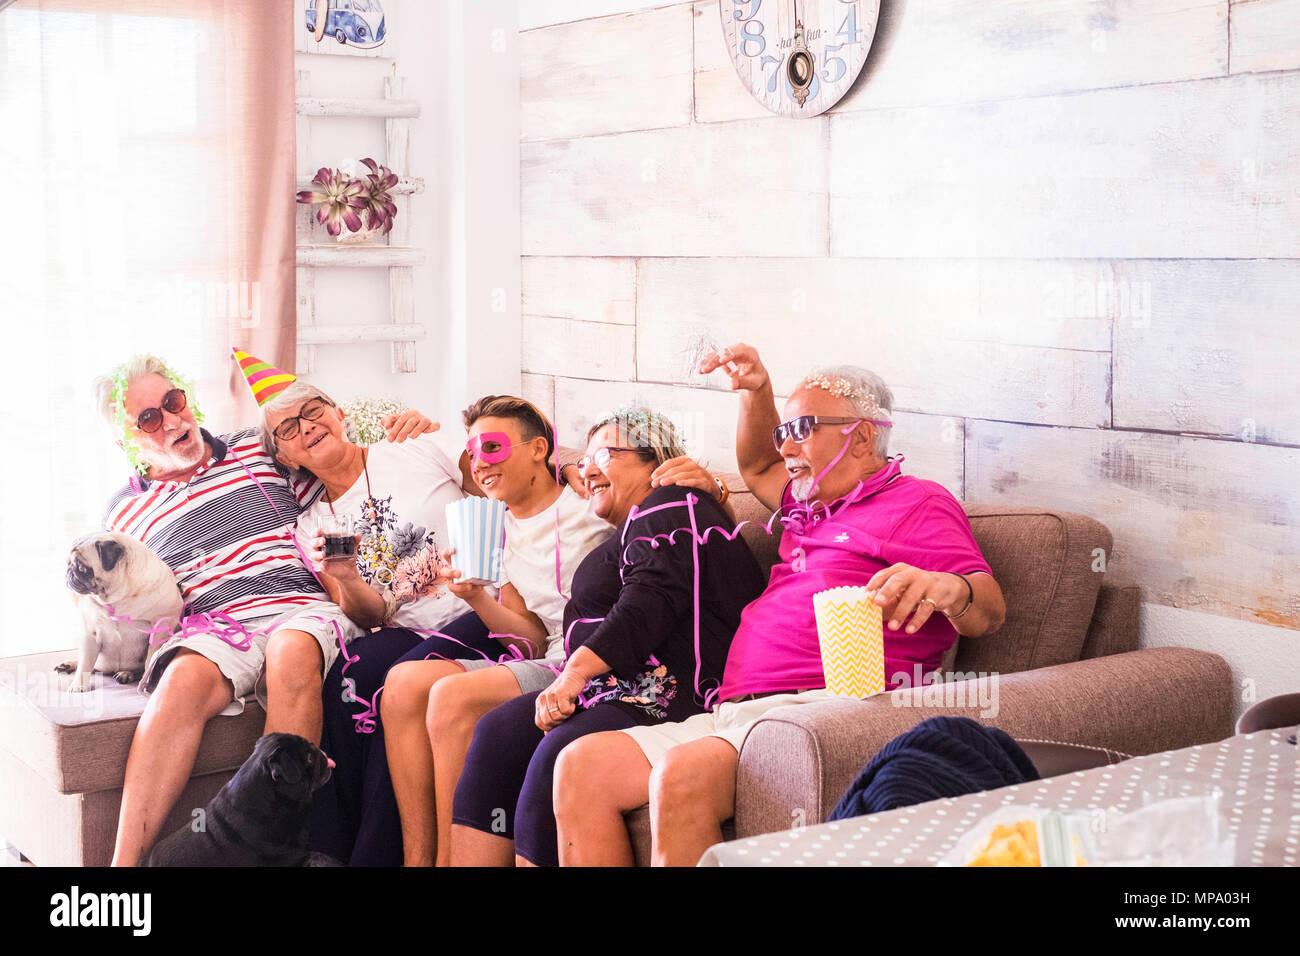 Un gruppo di uomini anziani con i capelli bianchi eb610f5afd27